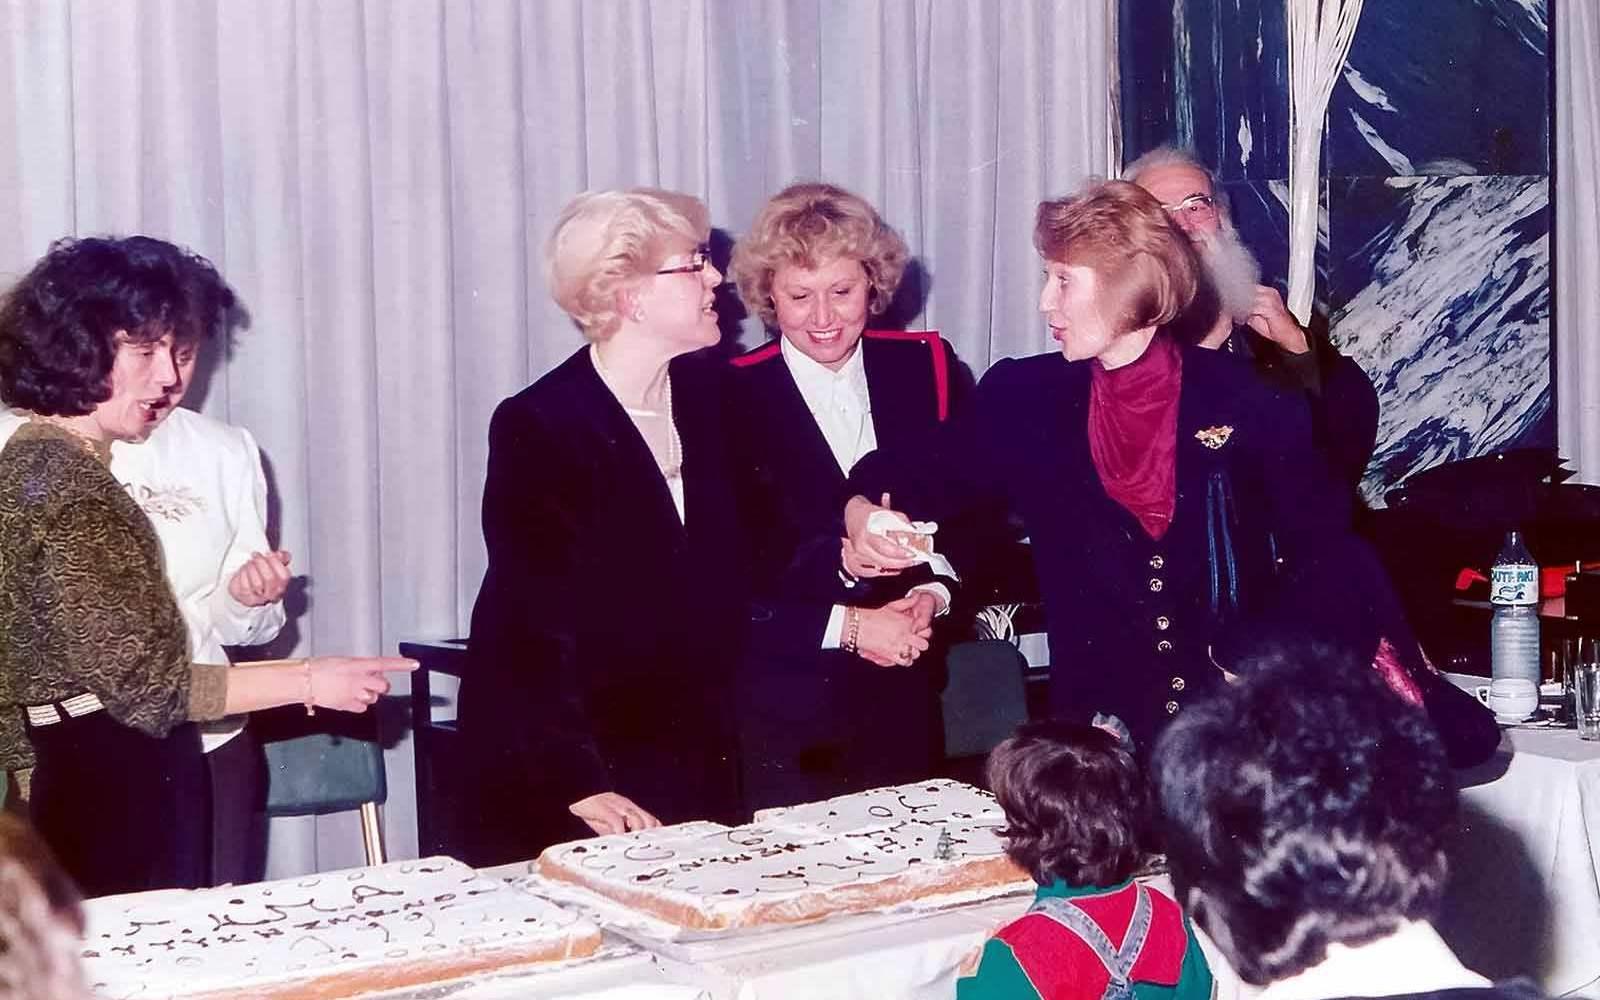 κουλα-ρογδακι-κοπη-πιττας-1991